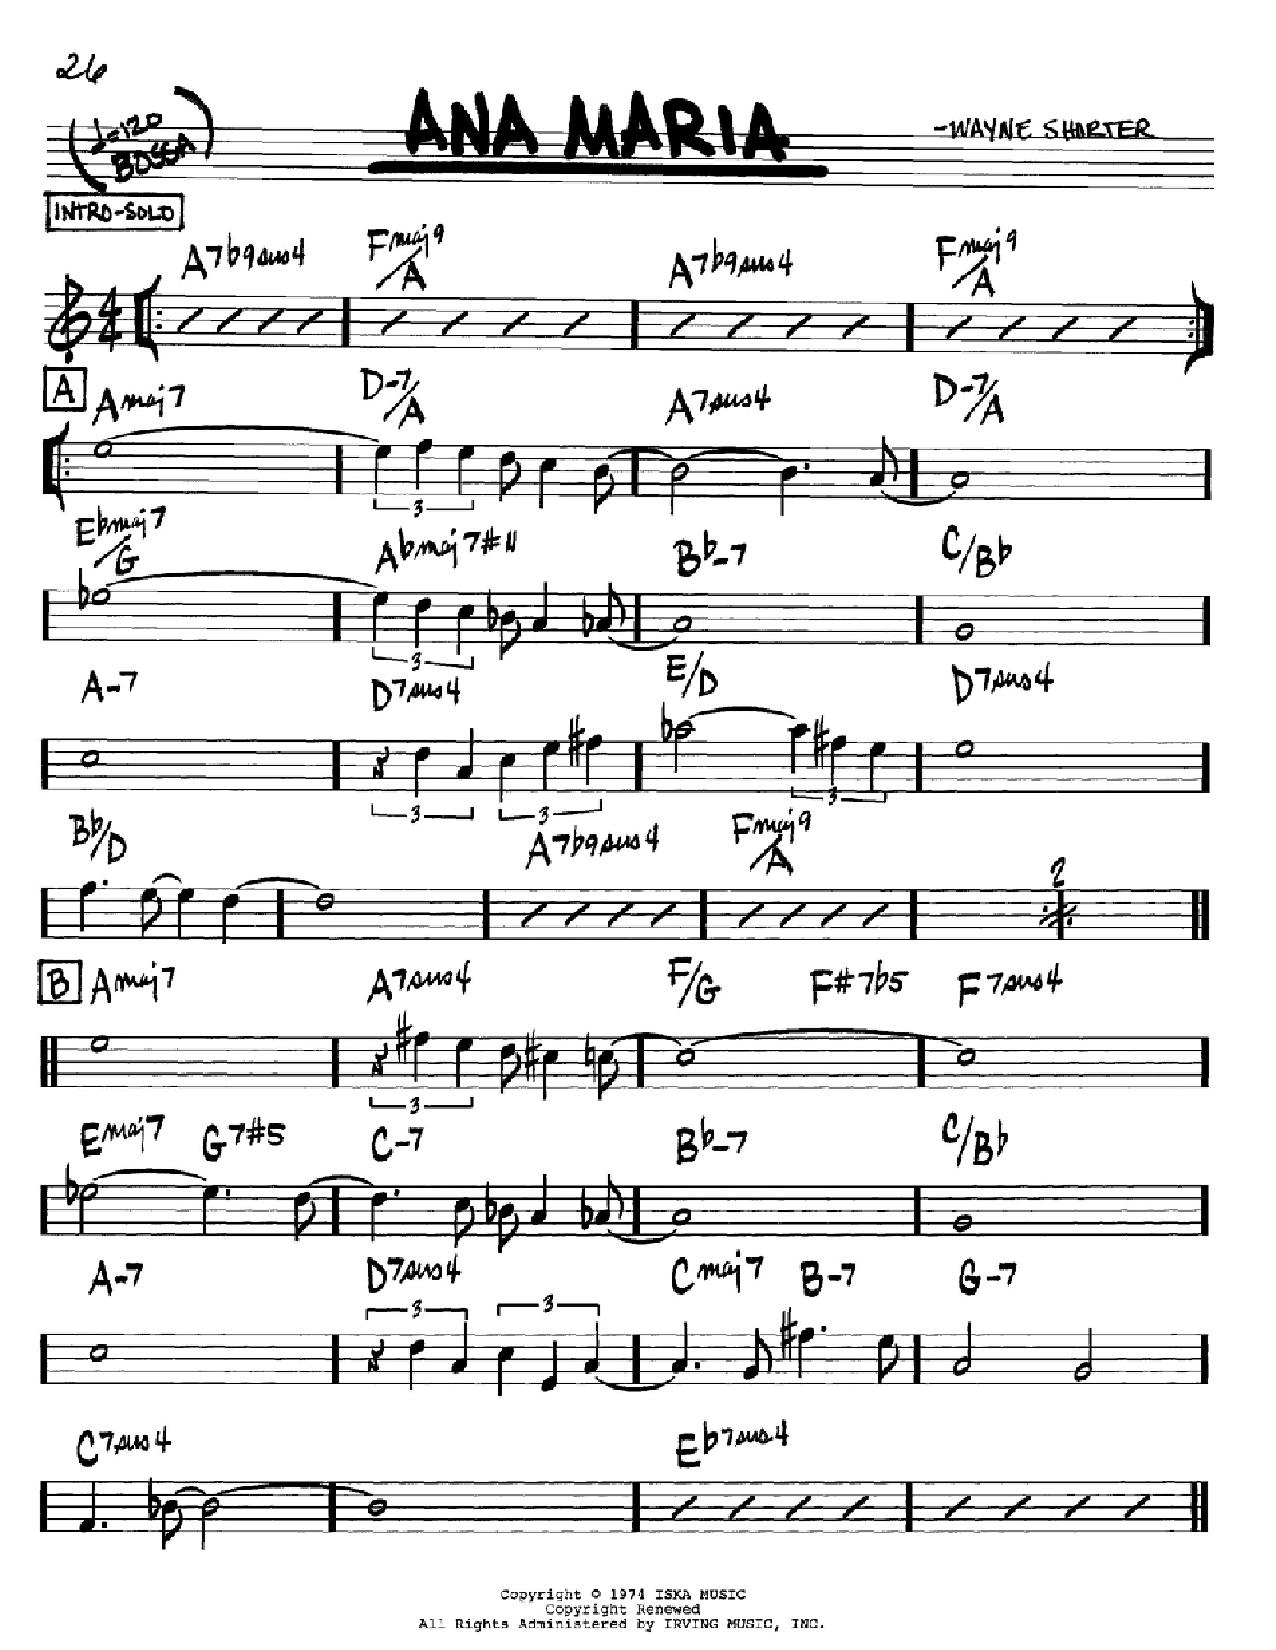 Partition autre Ana Maria de Wayne Shorter - Real Book, Melodie et Accords, Inst. En Sib